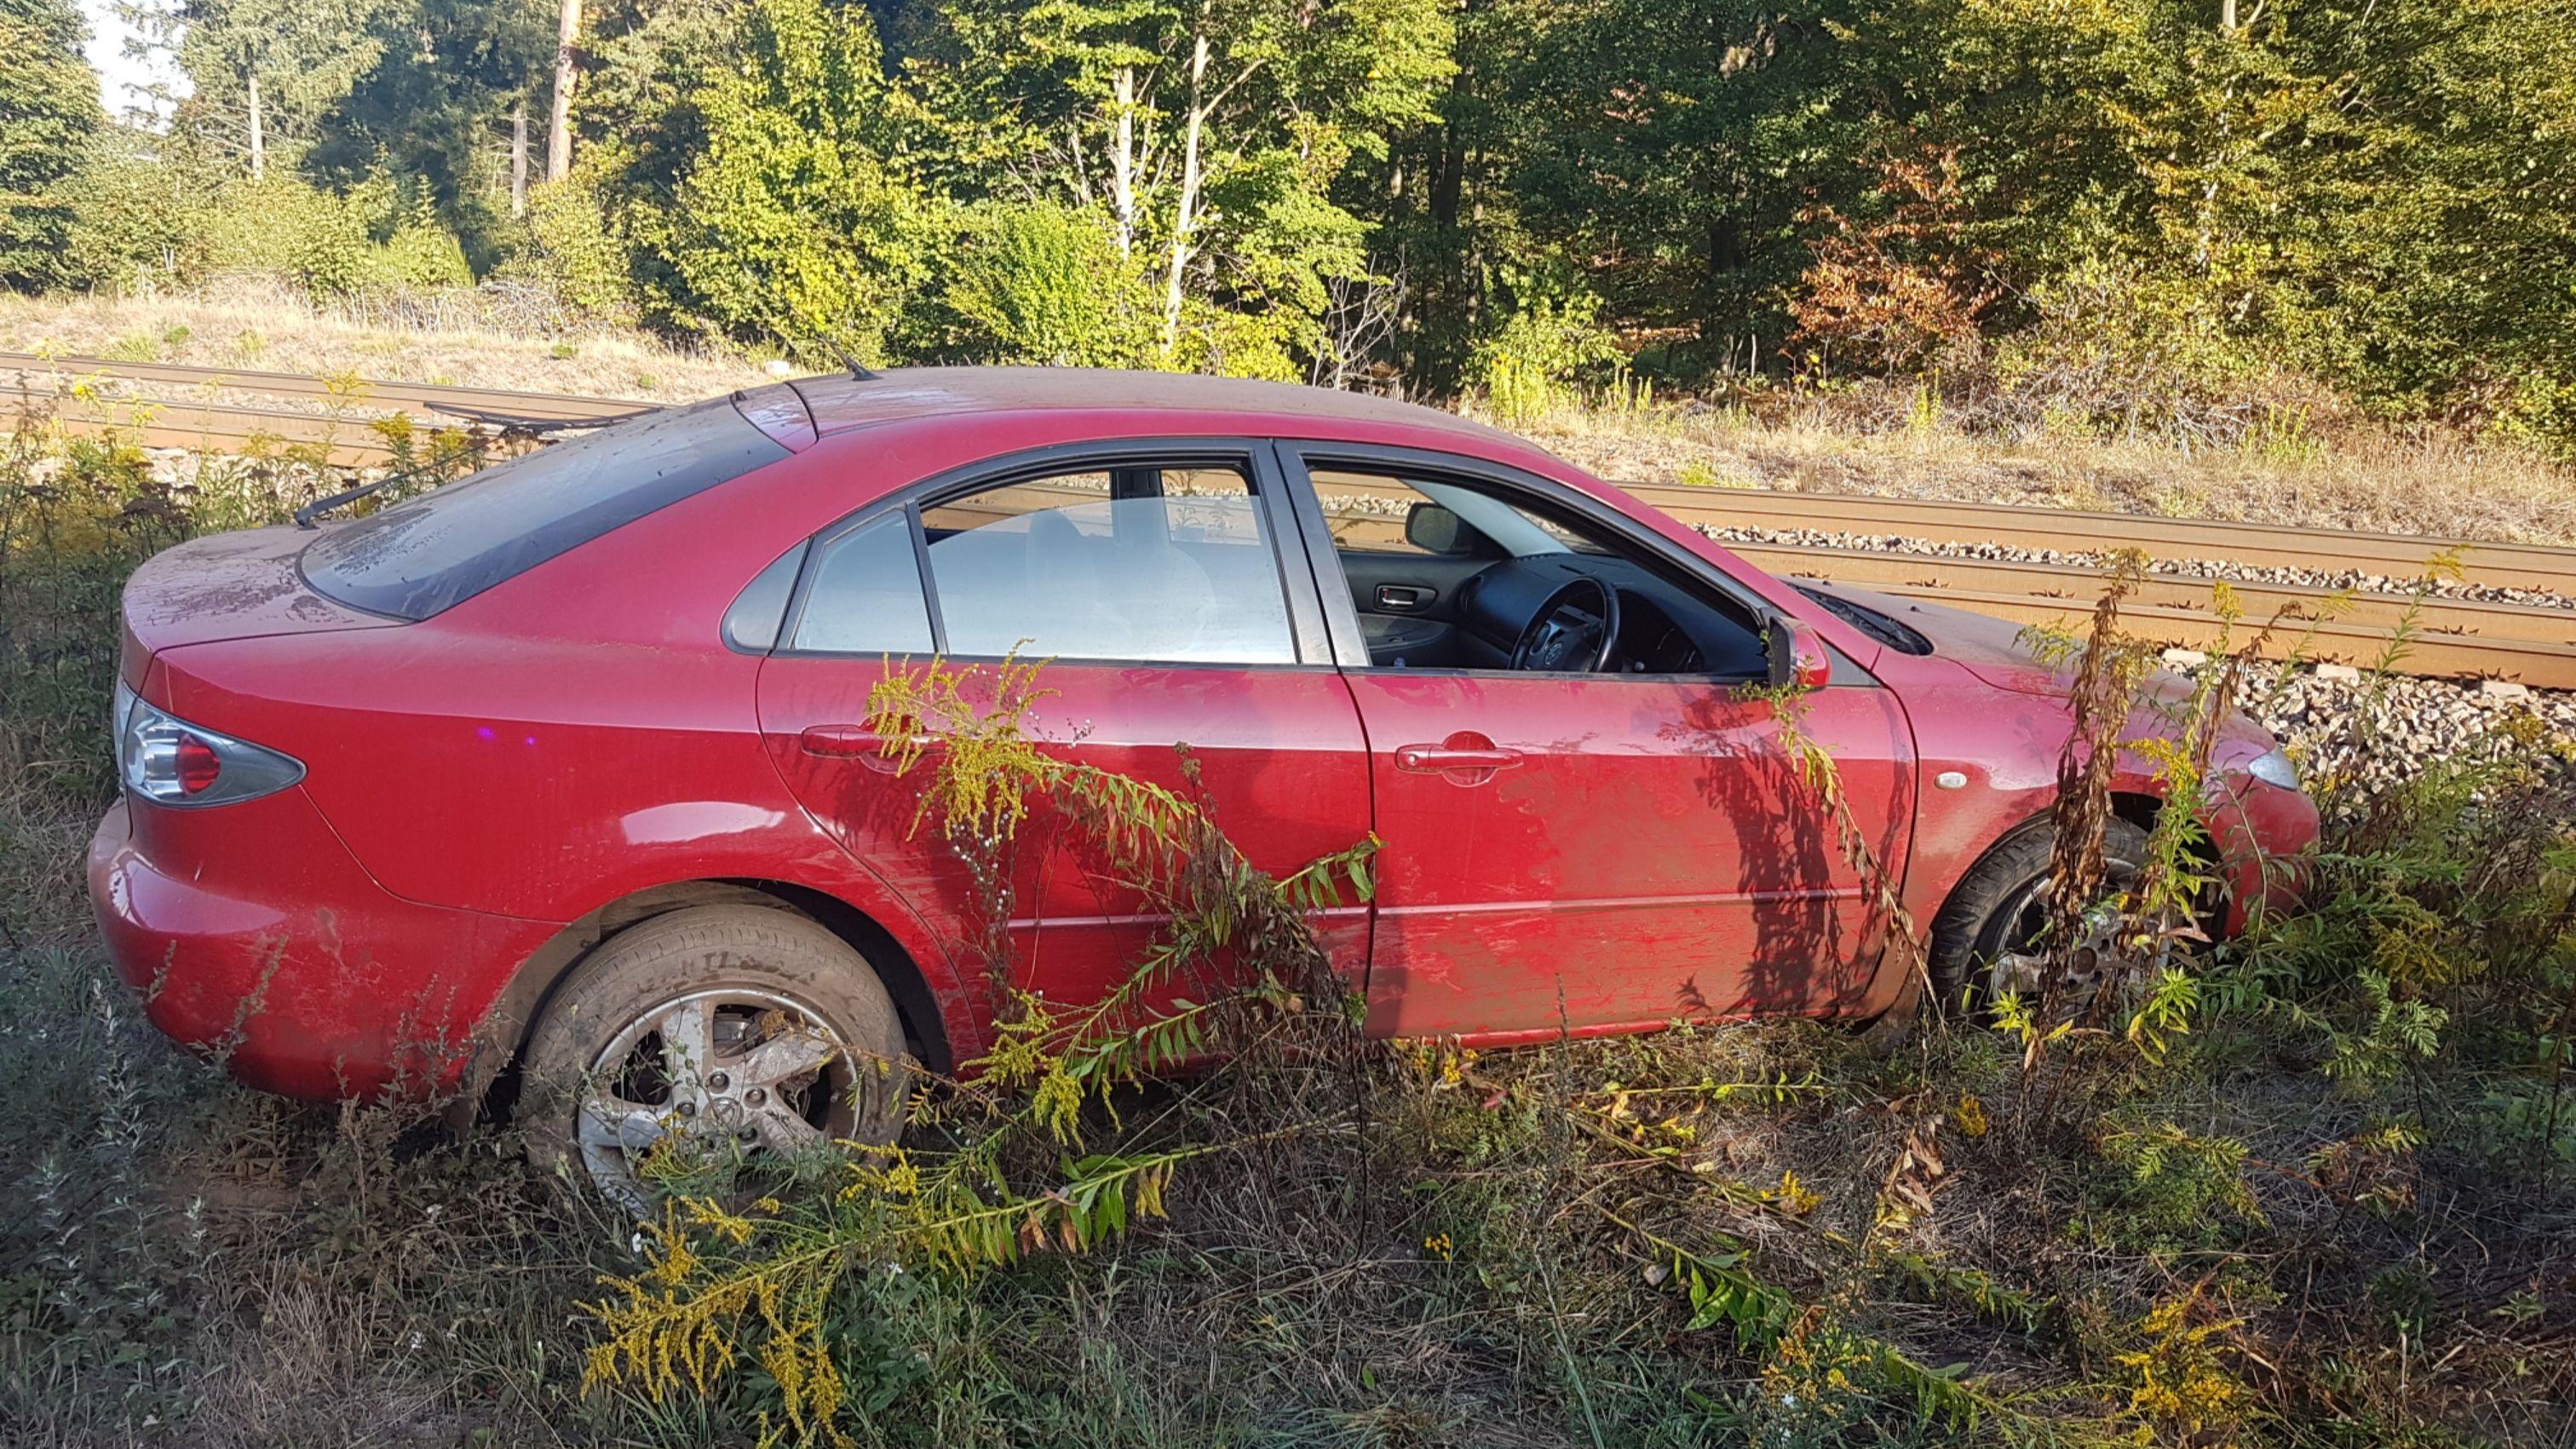 Verkehrsunfall bei Landstuhl gestern Morgen-Image